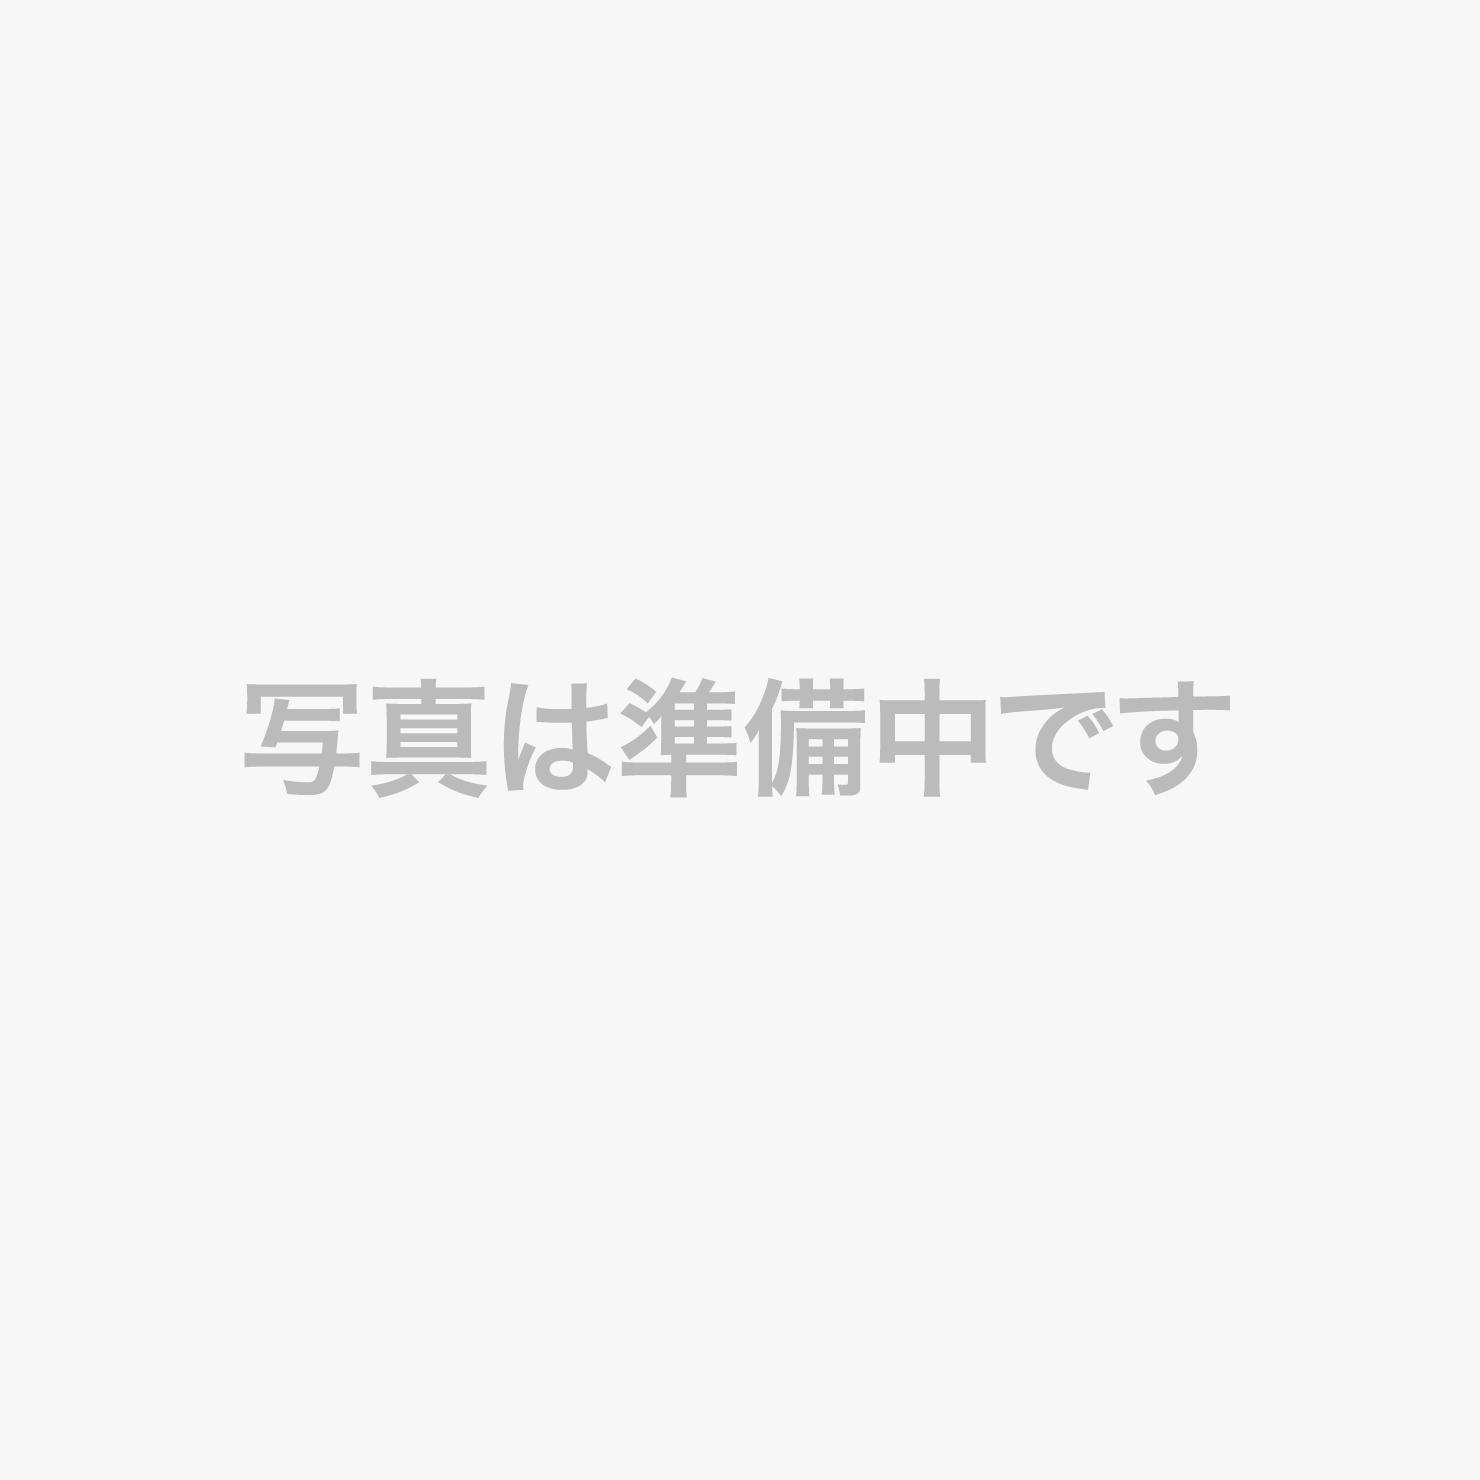 """【ラグーン】新キッズゾーン◆こどもプール""""パルパル""""まずはお水に慣れてからね★"""